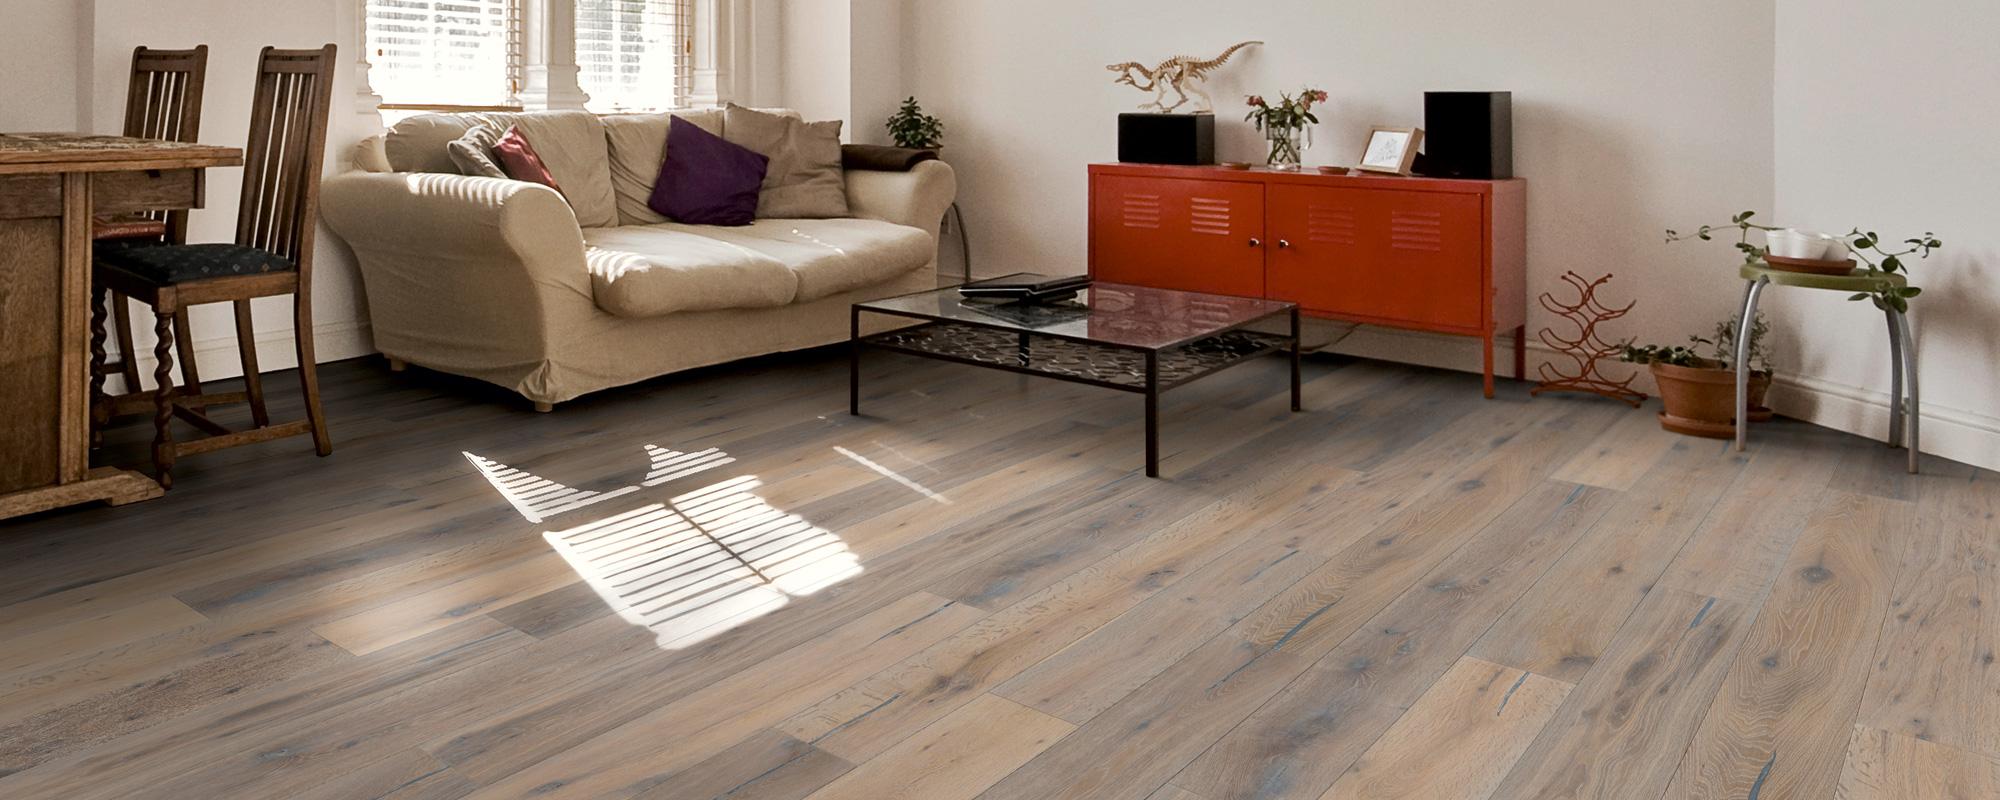 Wildeiche Serie Wildeiche geräuchert Rustikal weiß Style Flooring Parkett Dielen Köln